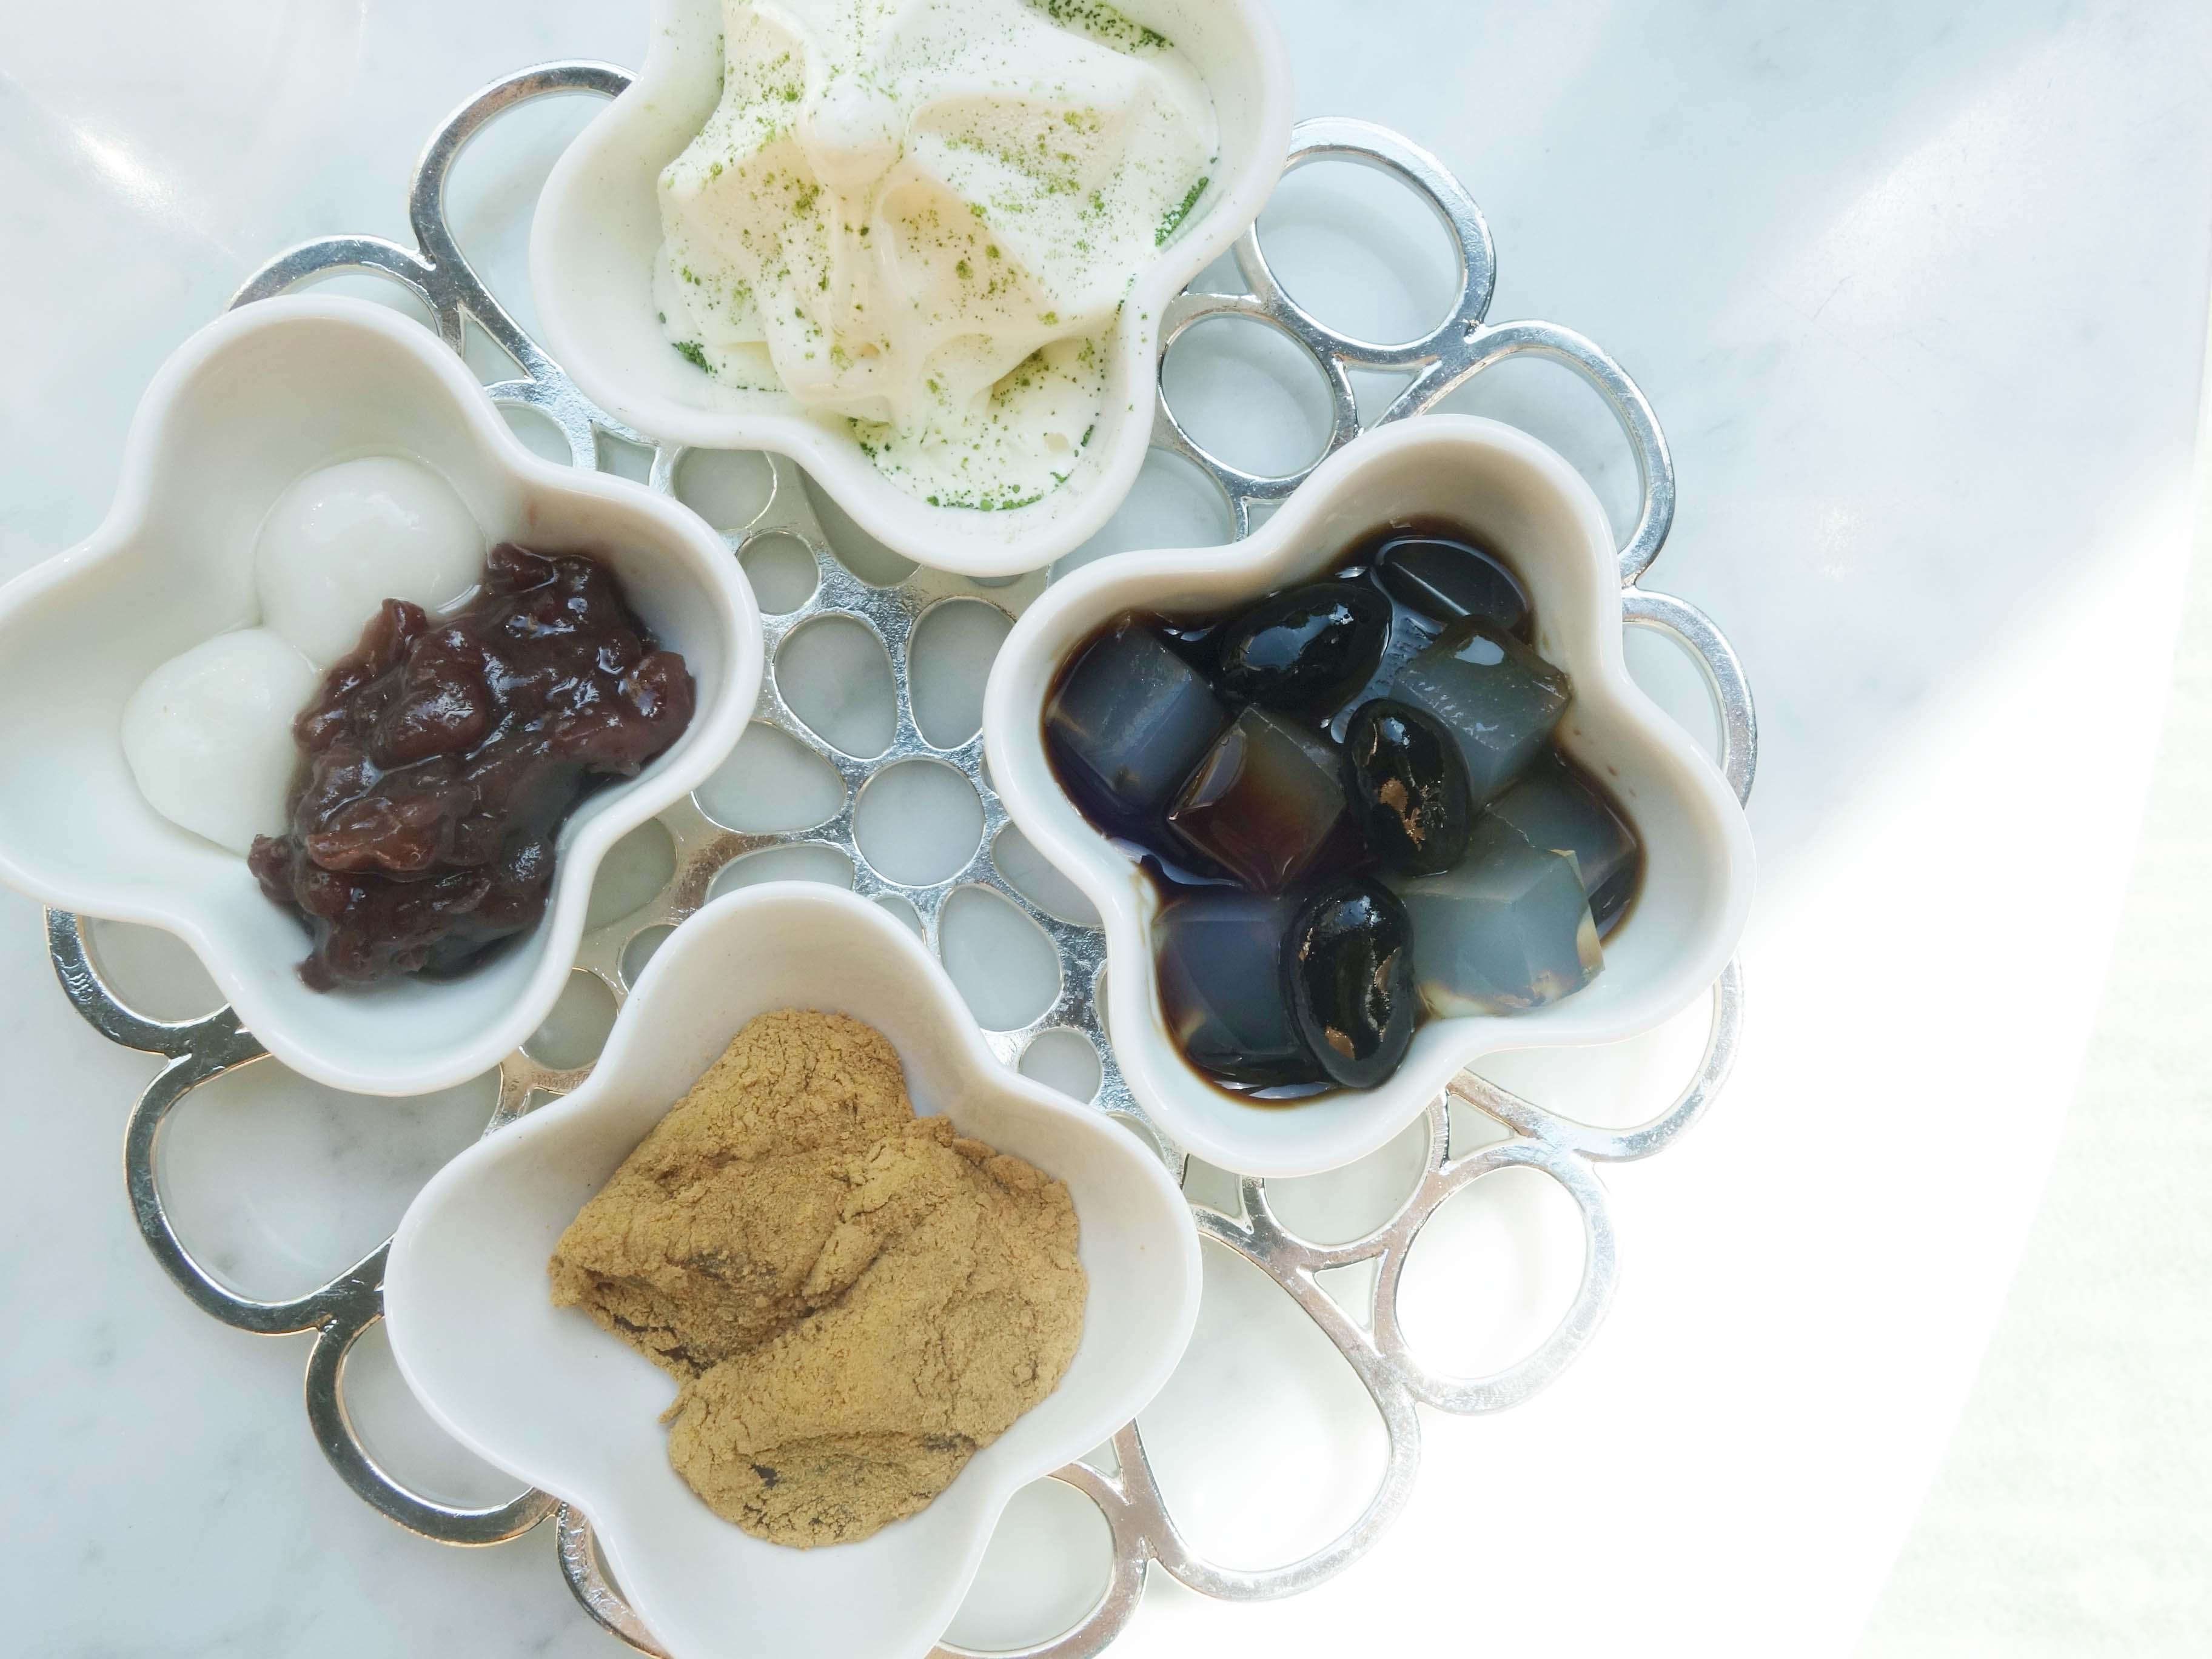 2段目の黒豆のかんてん、二度挽きしたきな粉をかけたわらびもちはラウンジの人気商品をセレクト。ソフトクリームは溶けない配慮から、後半にサーブされる